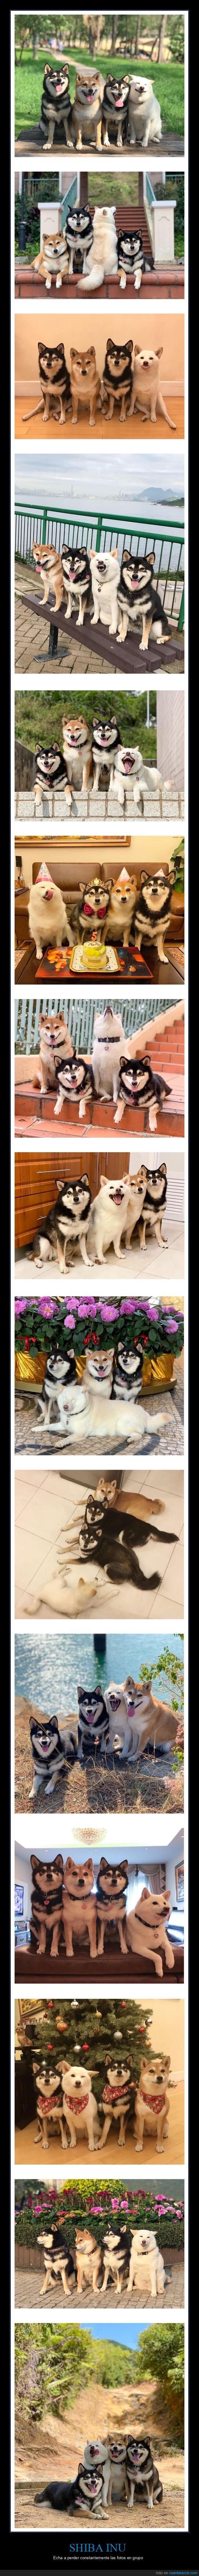 fotos en grupo,perros,shiba inu